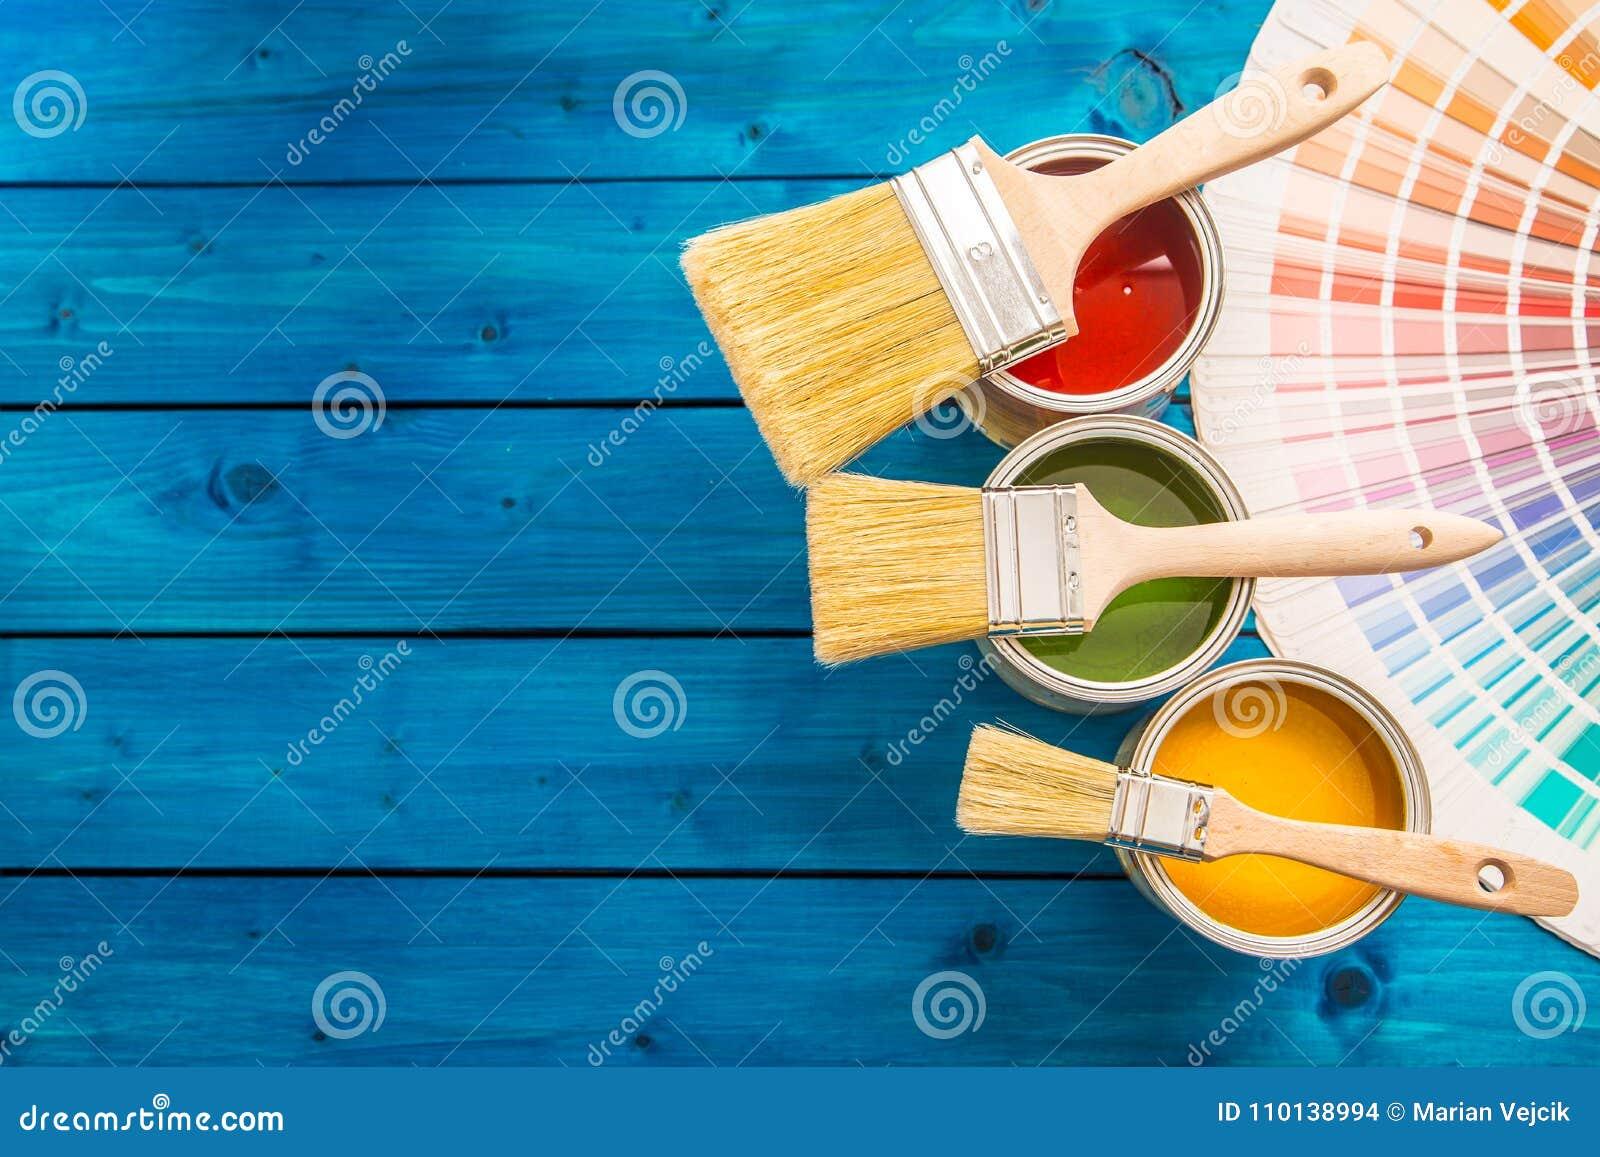 Покрасьте чонсервные банкы цветовую палитру, чонсервные банкы раскрытые с щетками на голубой таблице